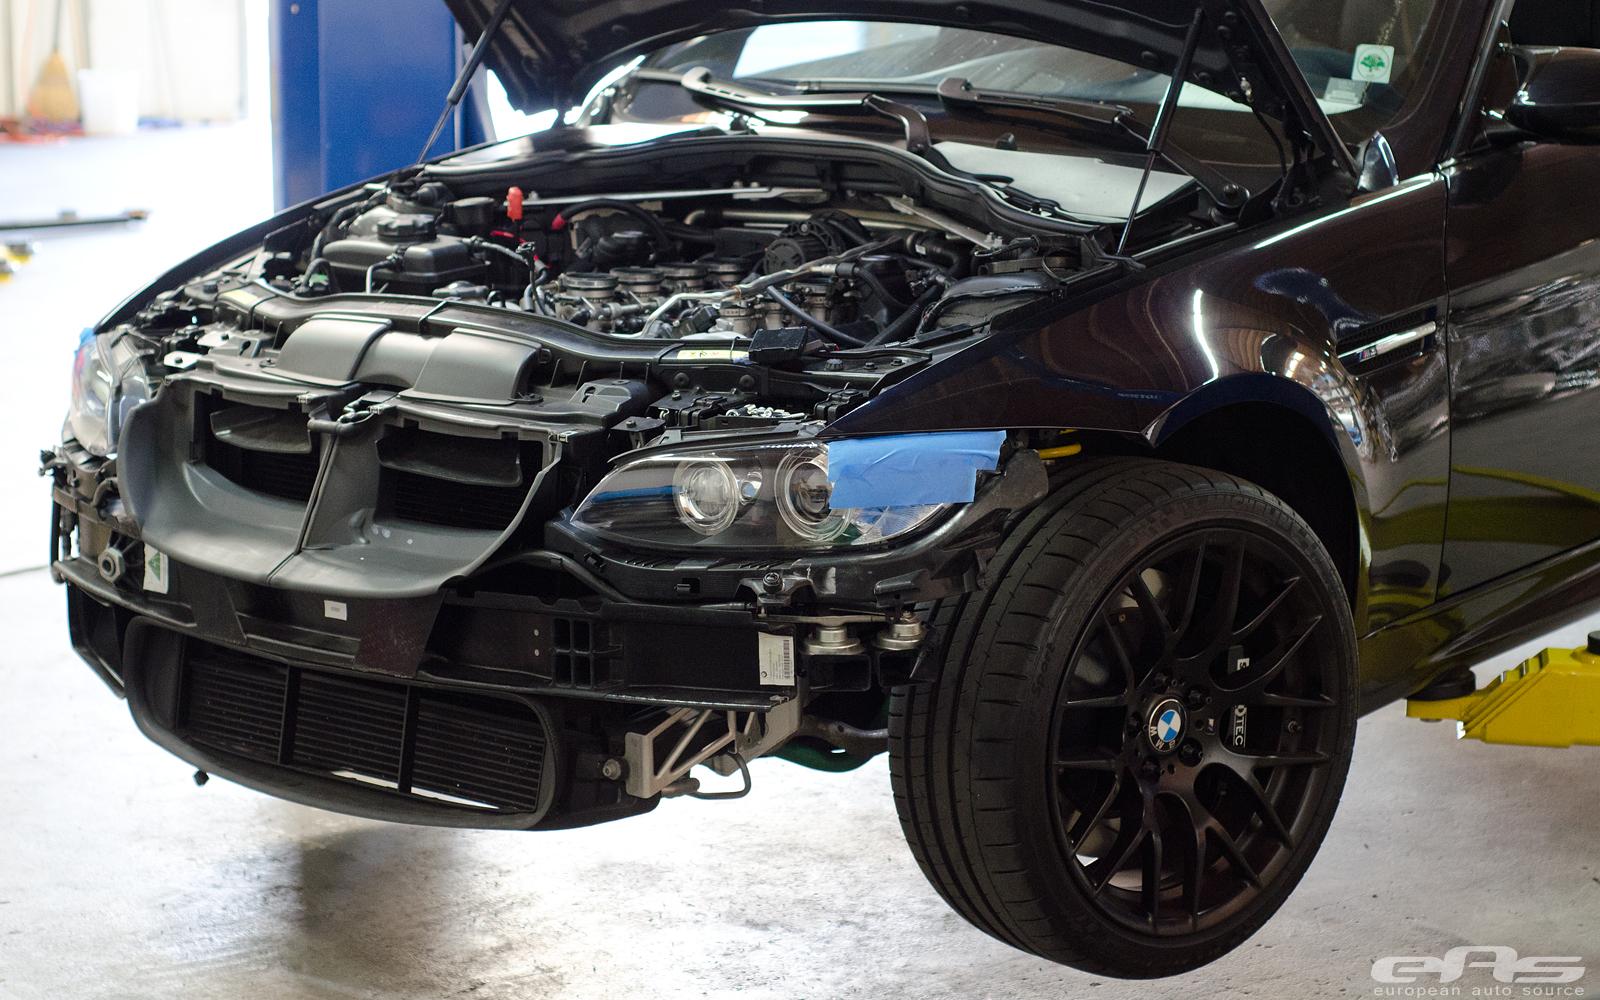 Jerez Black Bmw E90 M3 Gets Supercharger At Eas